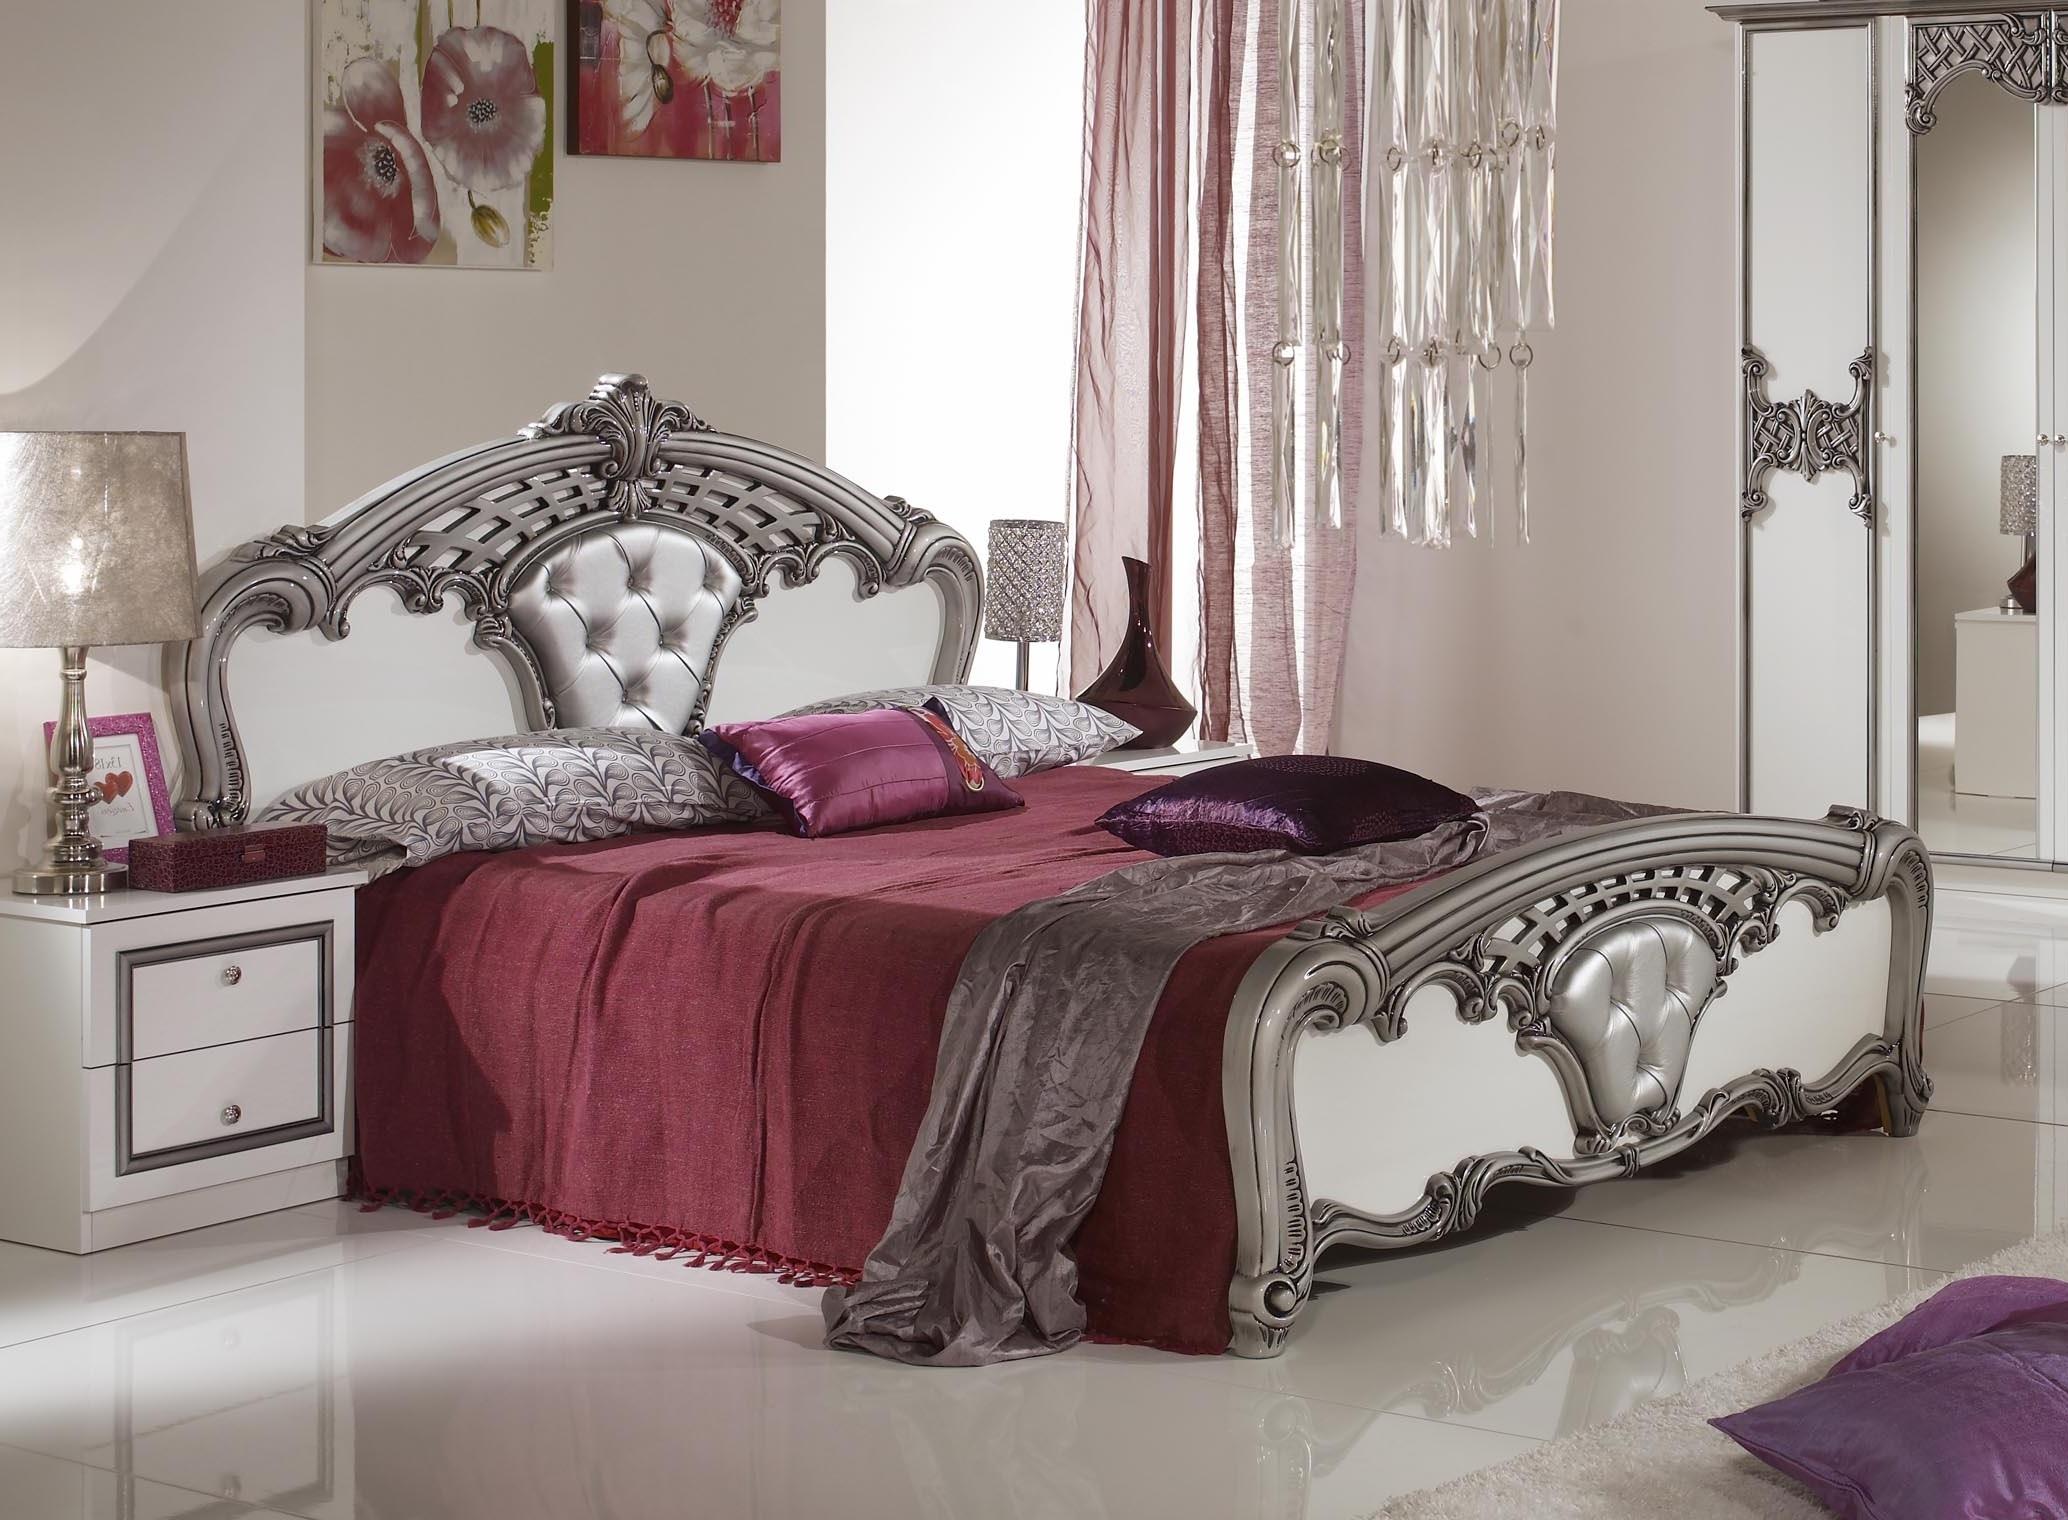 Full Size of Ausgefallene Betten Italienische Barockmbel Sicher Und Schnell Online Gnstig Somnus Ruf Fabrikverkauf Bei Ikea Köln Französische Jugend Günstig Kaufen Jabo Bett Ausgefallene Betten